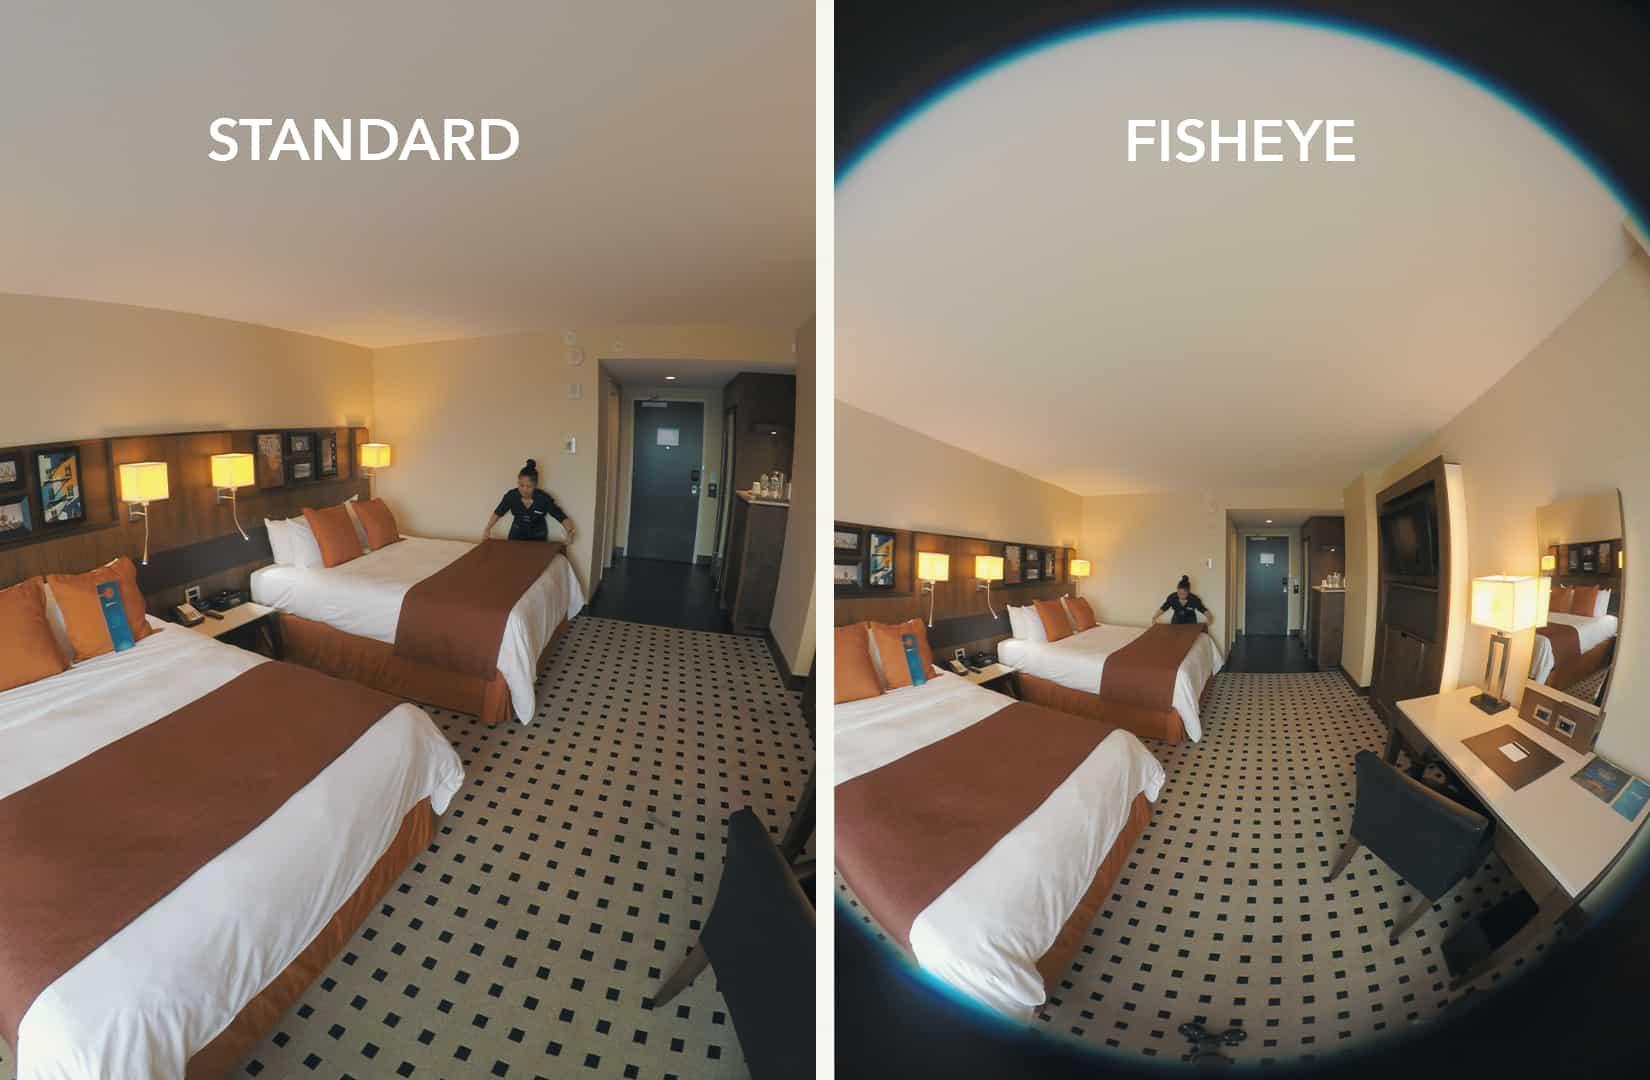 fisheye_004